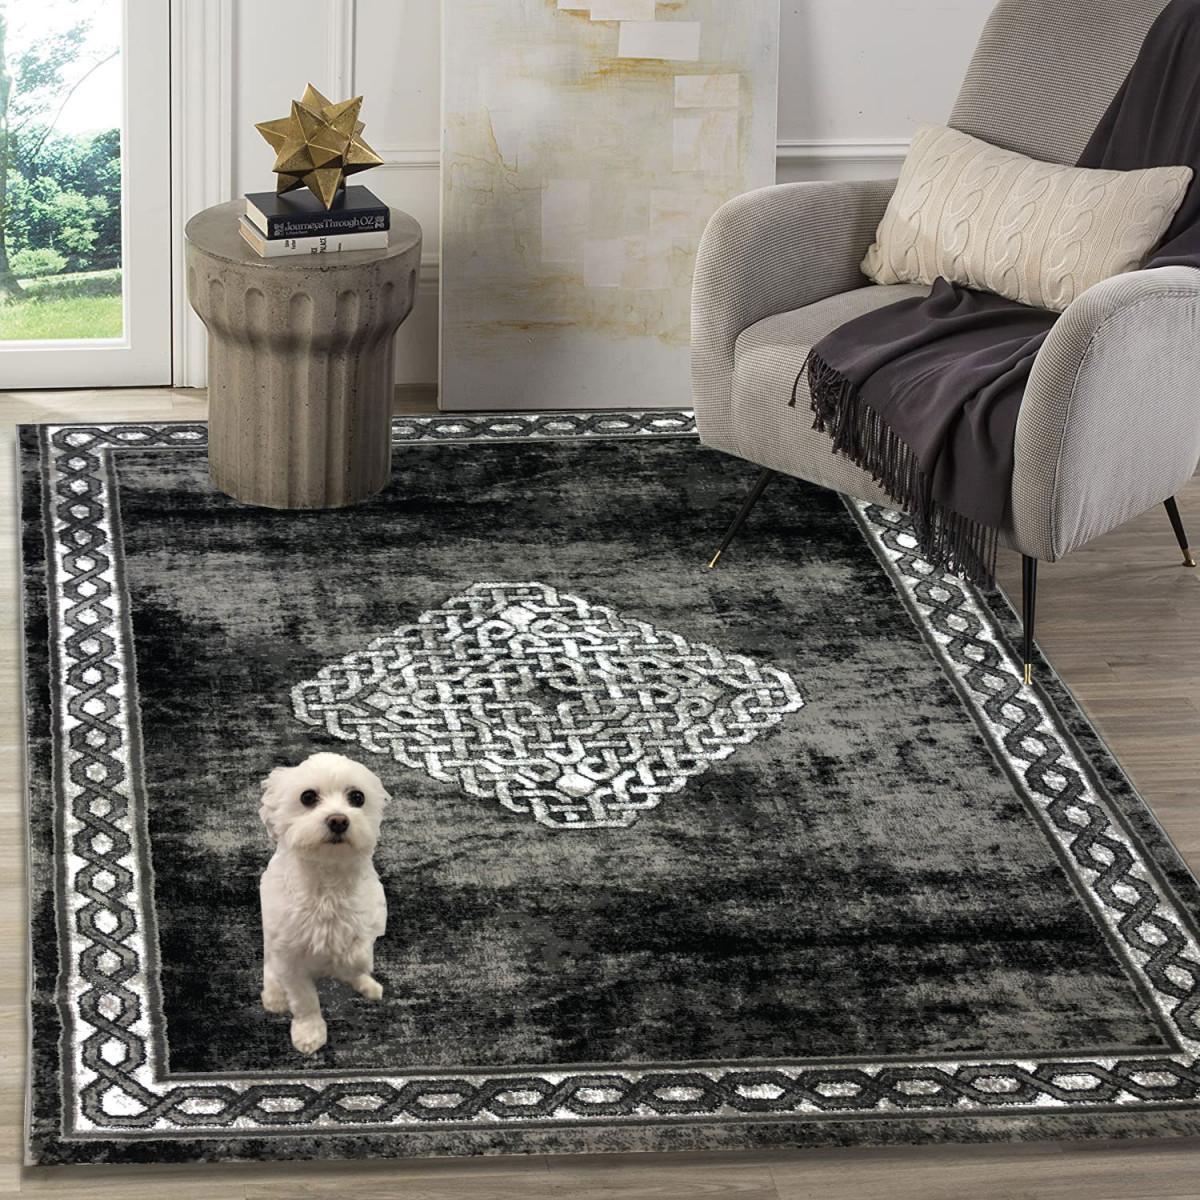 Siela Teppich Wohnzimmer Graukurzflor Teppich Grauer Küchenteppich  Teppiche Für Schlafzimmer von Grauer Teppich Wohnzimmer Photo